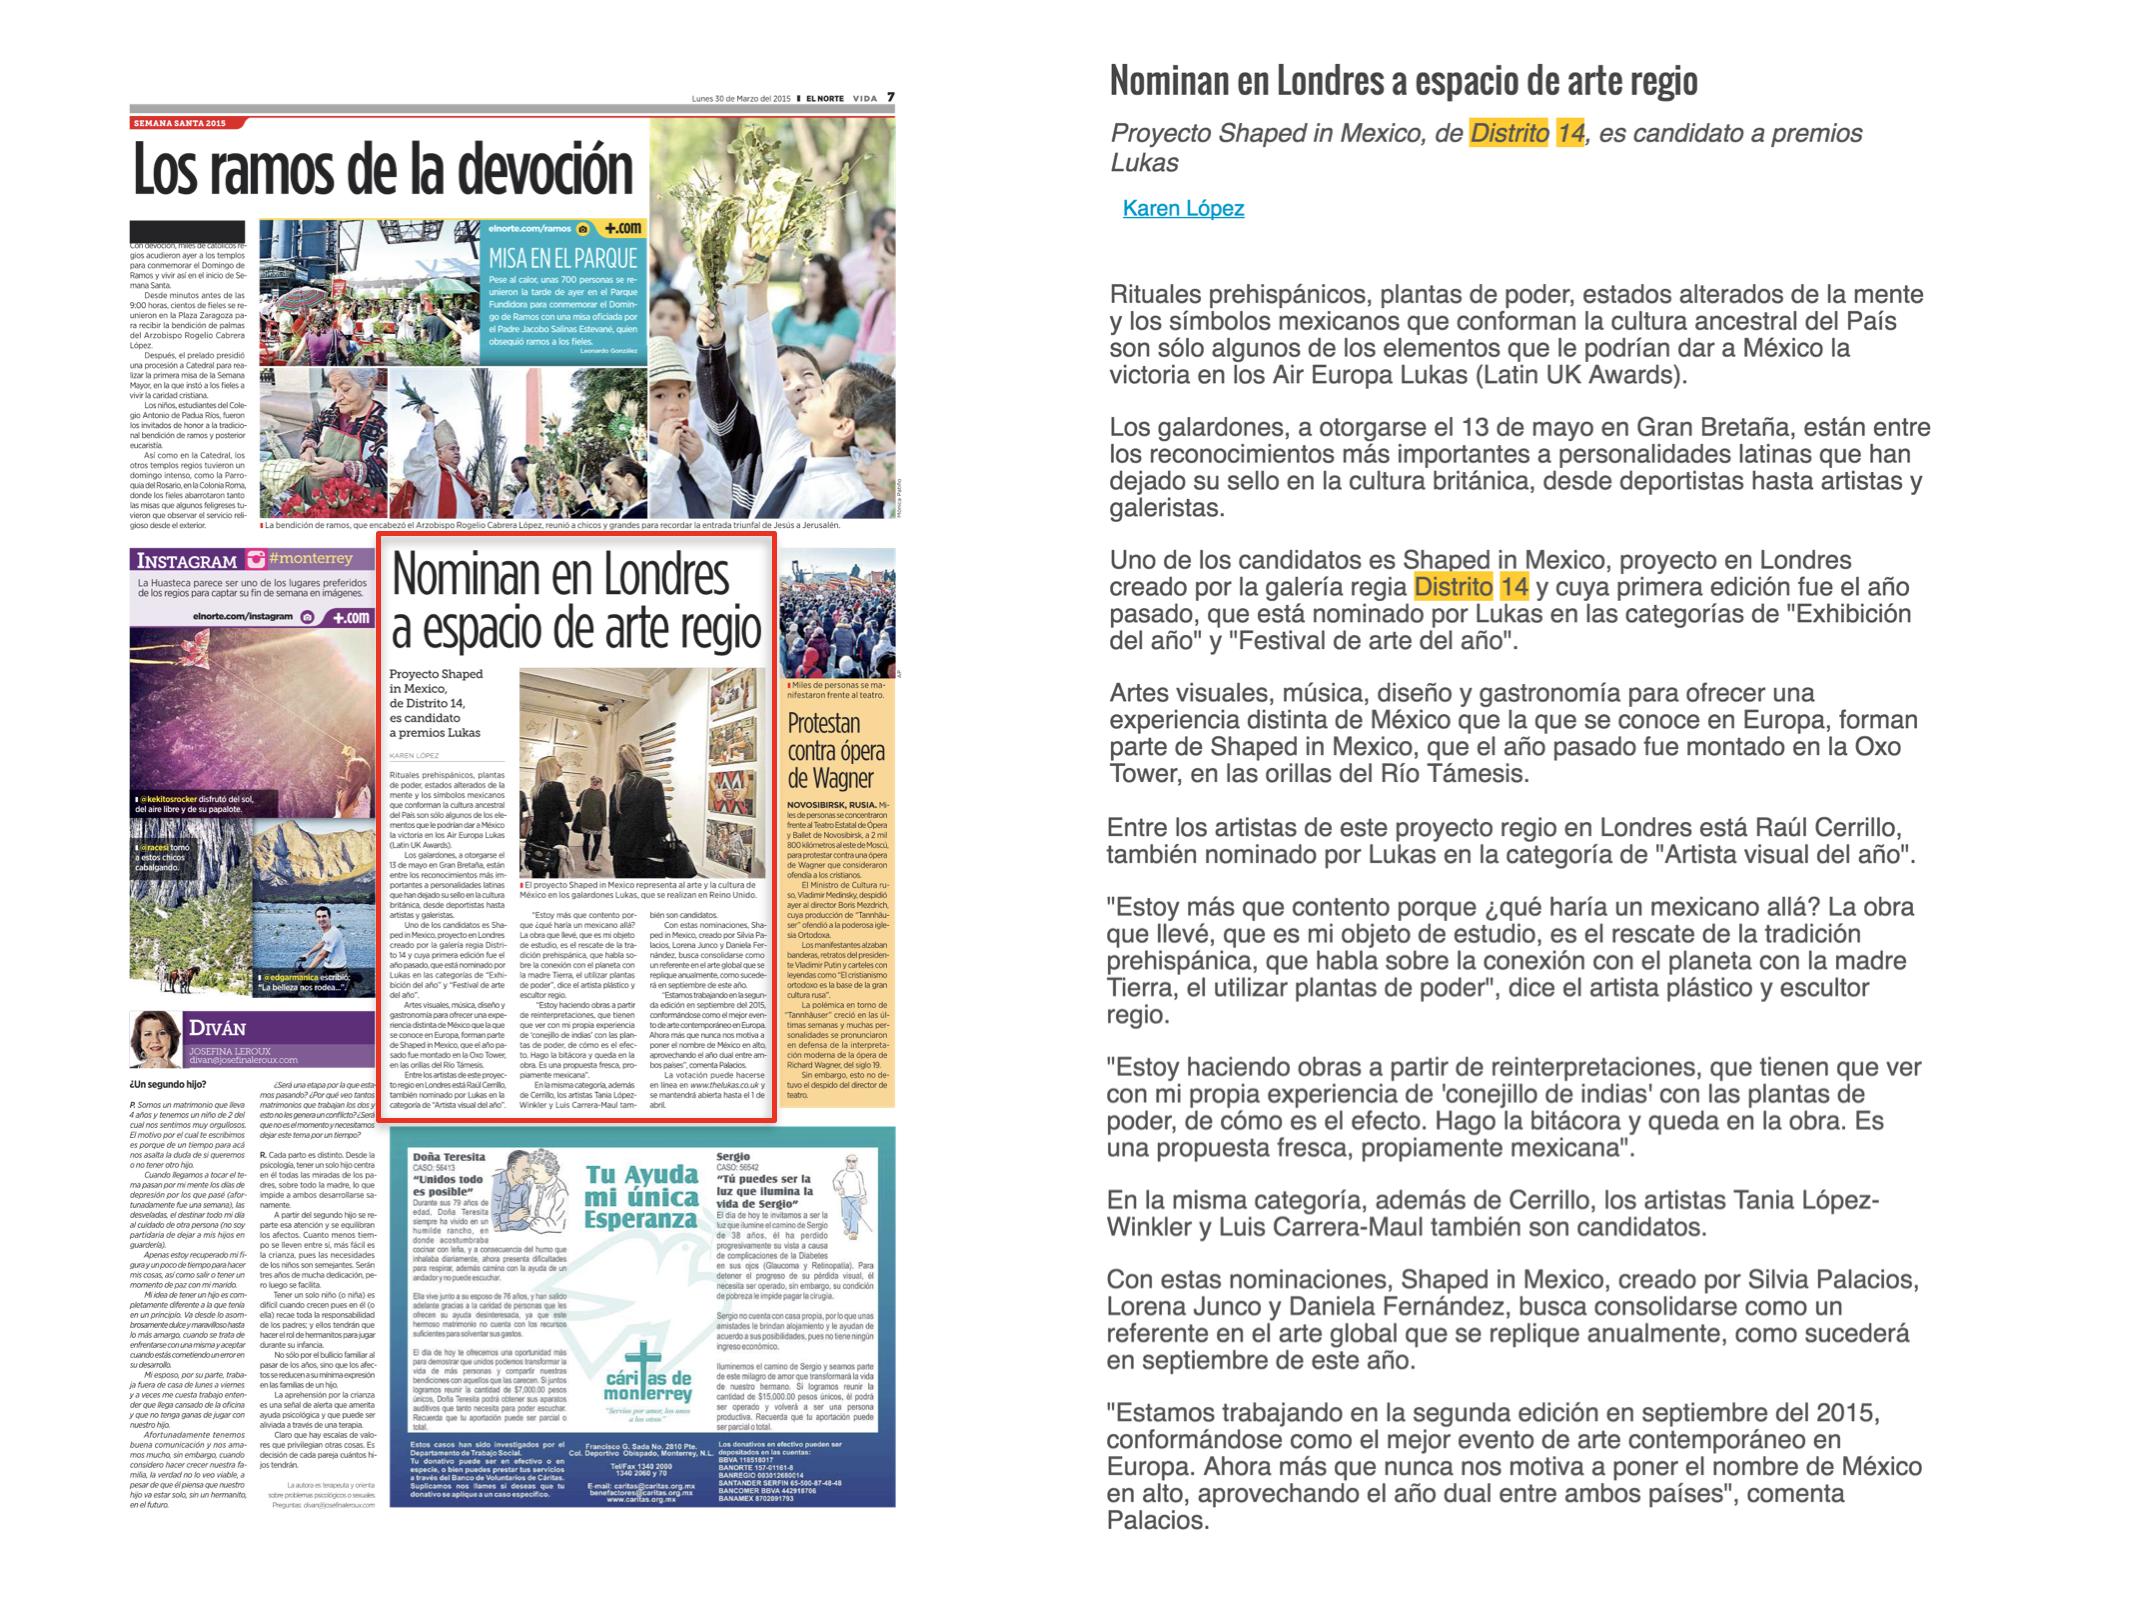 EL NORTE / SECCION VIDA   SHAPED IN MEXICO   MARZO 2015